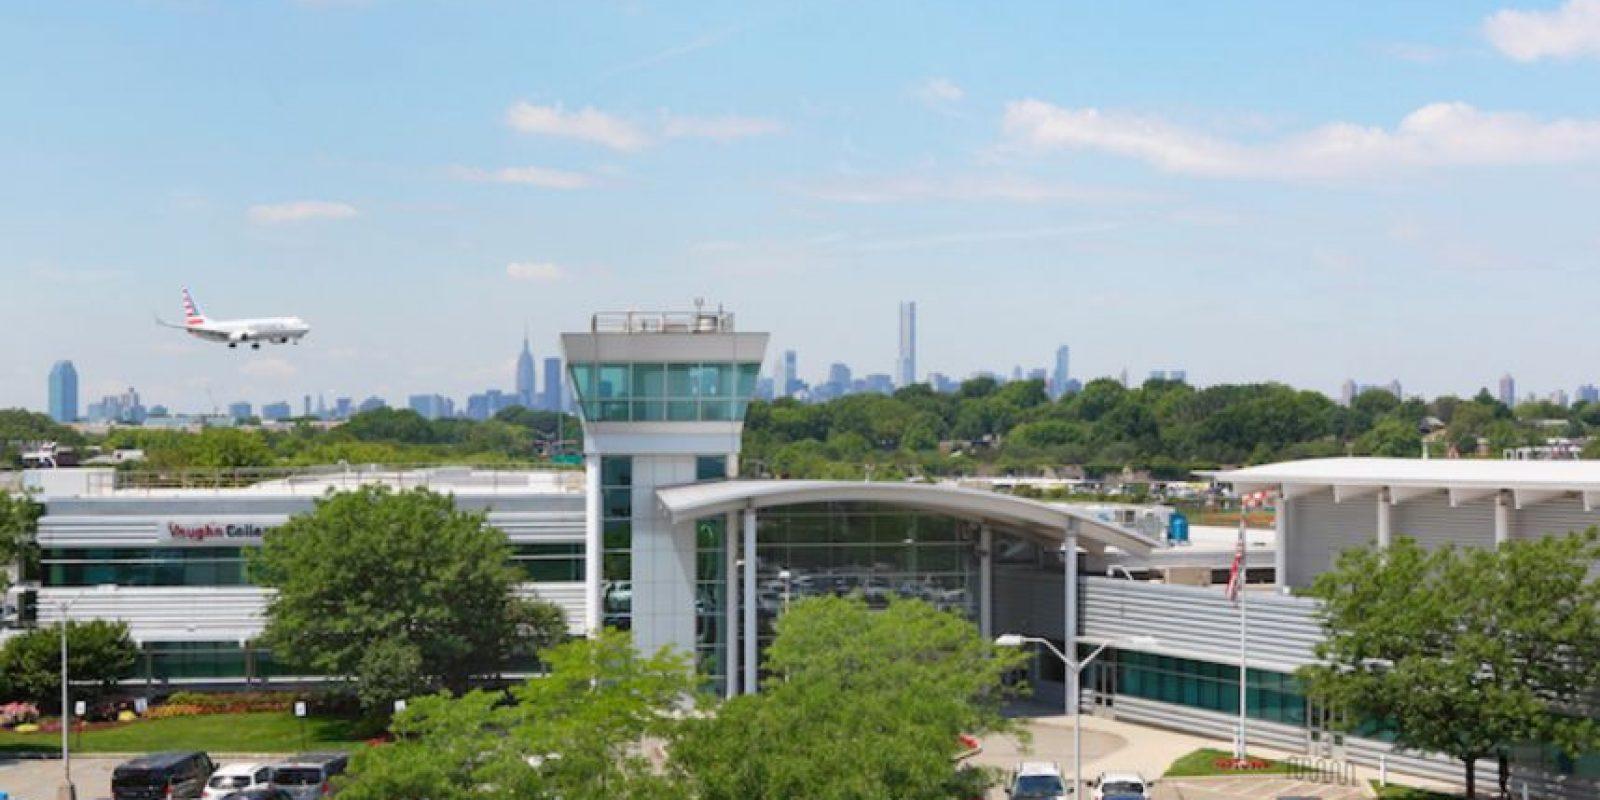 Y el Colegio Vaughn de Aeronáutica y Tecnología. Foto:Vía Flicker